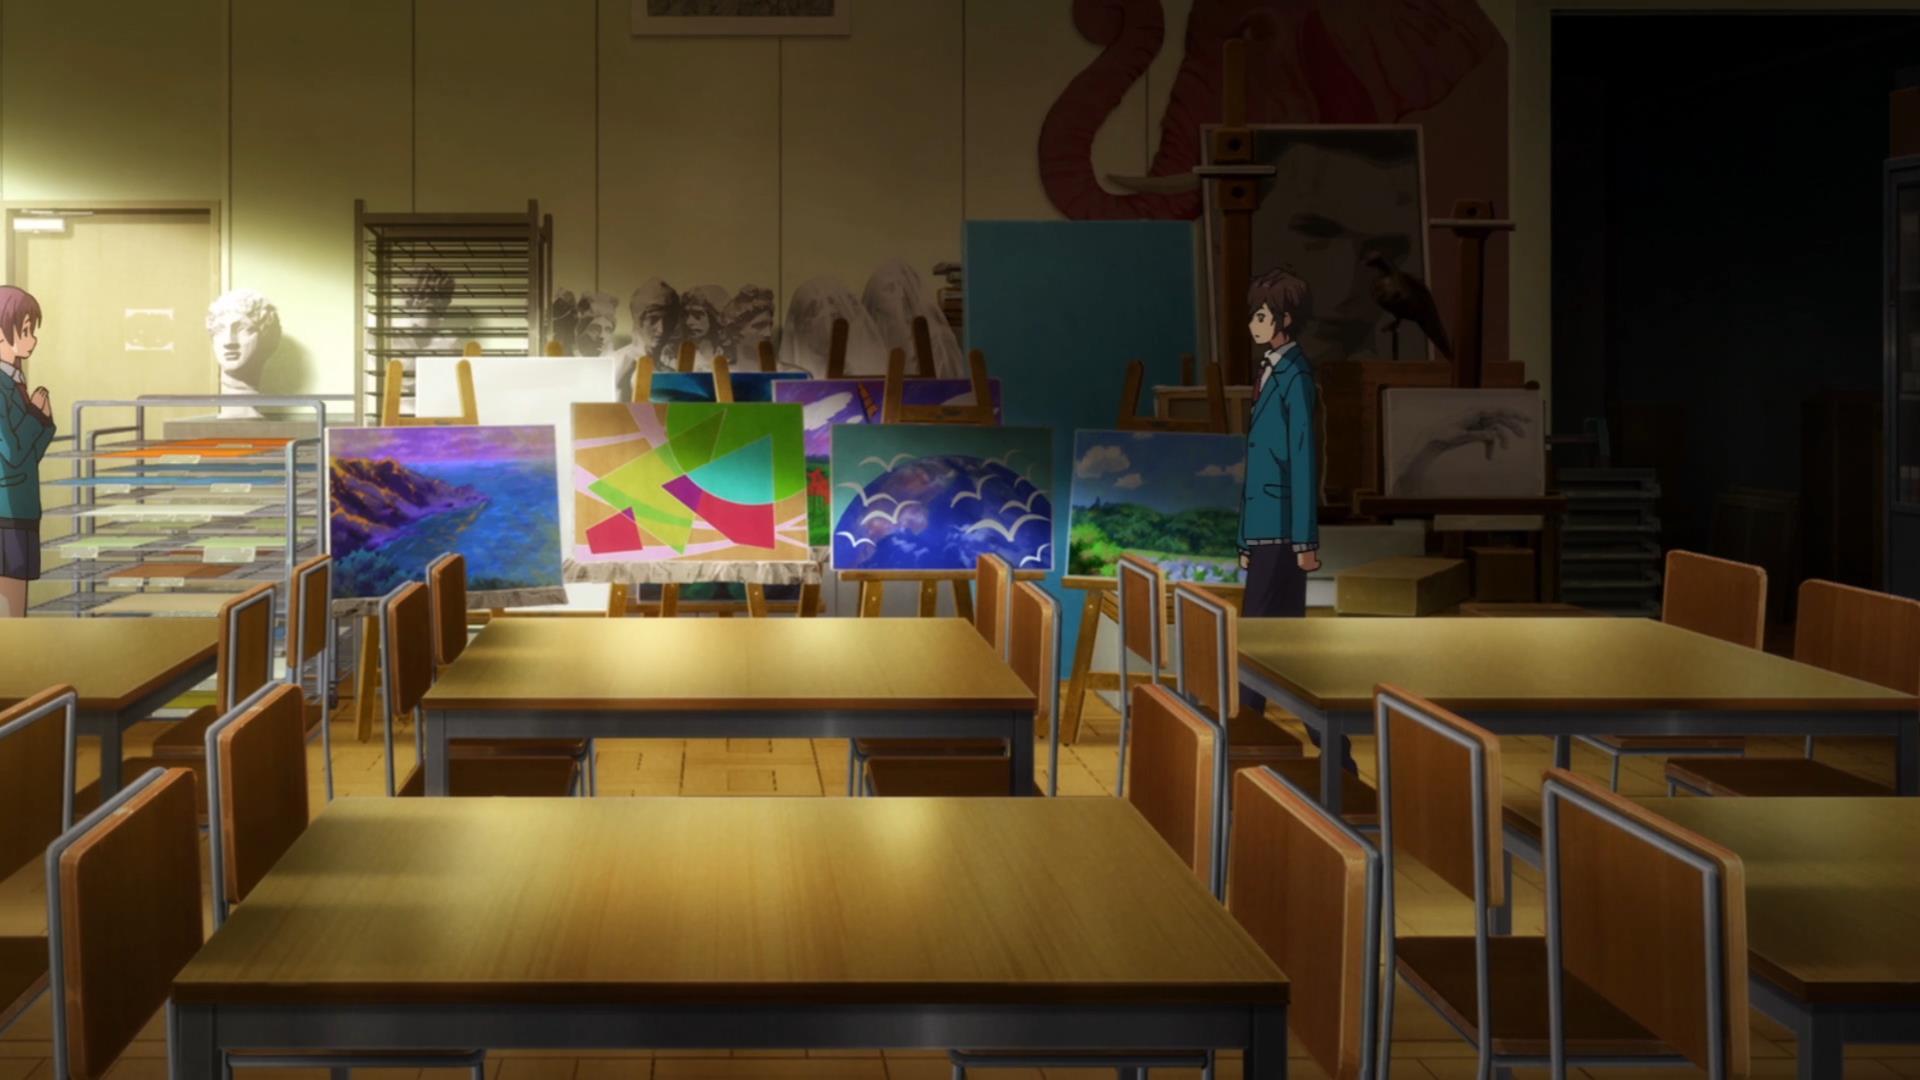 [2.0] Caméos et clins d'oeil dans les anime et mangas!  - Page 9 337452HorribleSubsZuttoMaekaraSukideshita011080pmkvsnapshot00451220161006202151